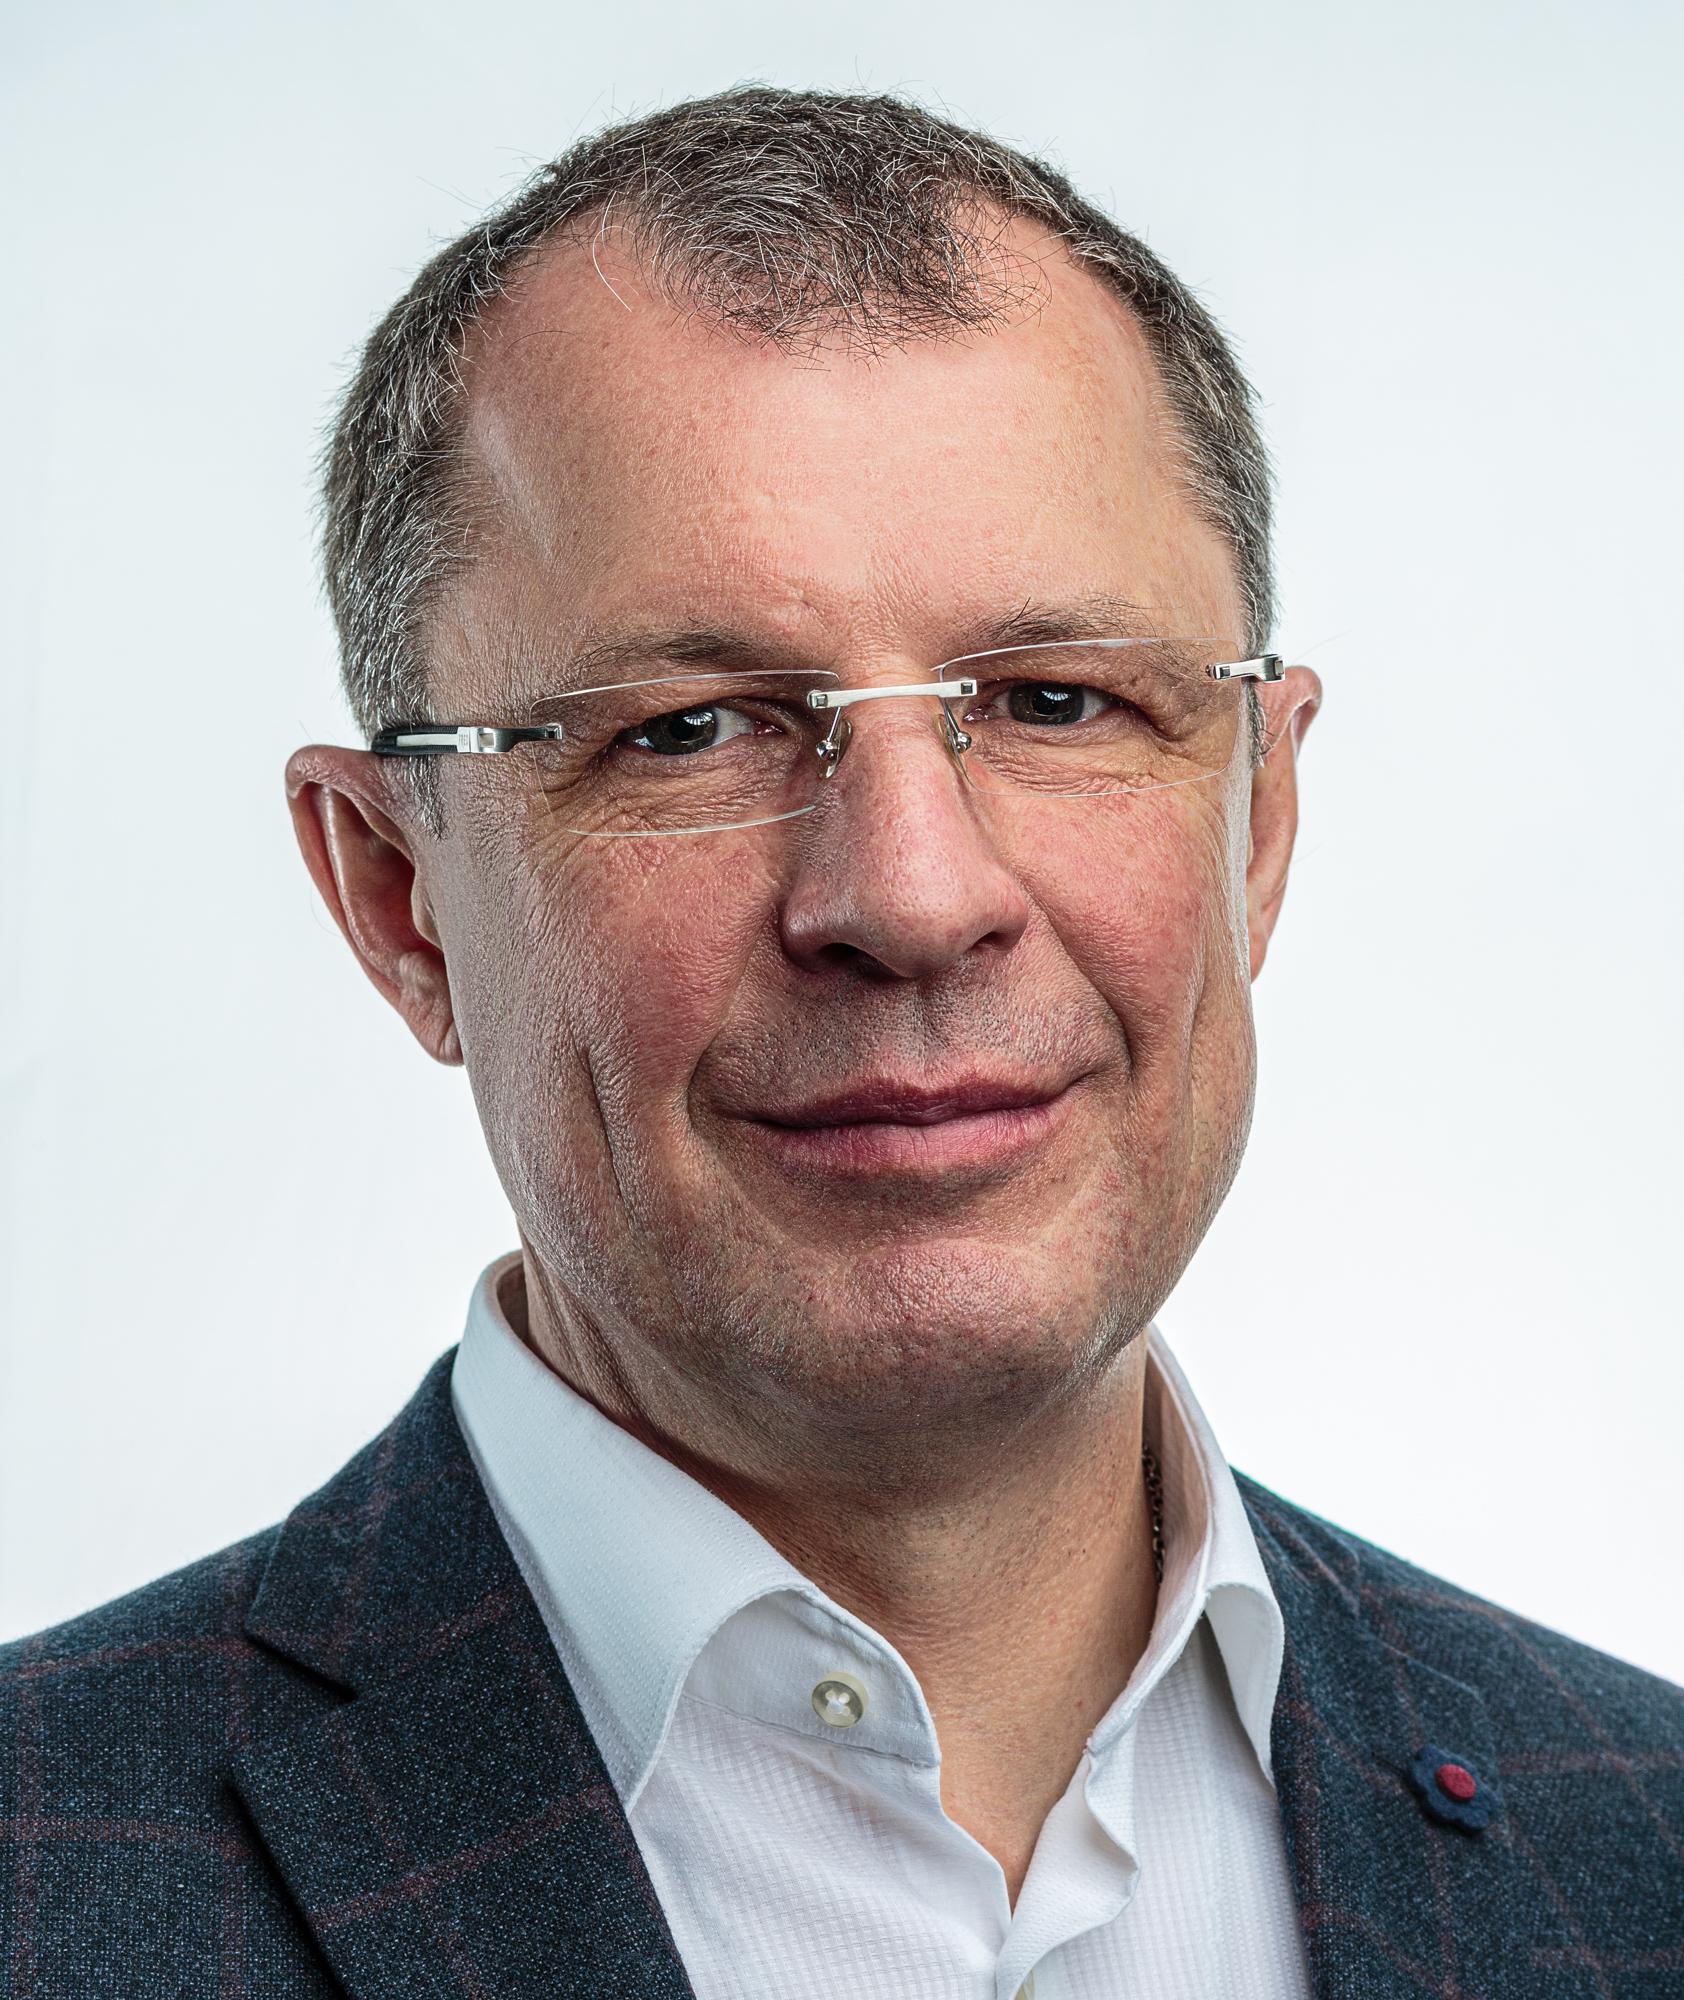 Непомнящий  Вячеслав  Петрович